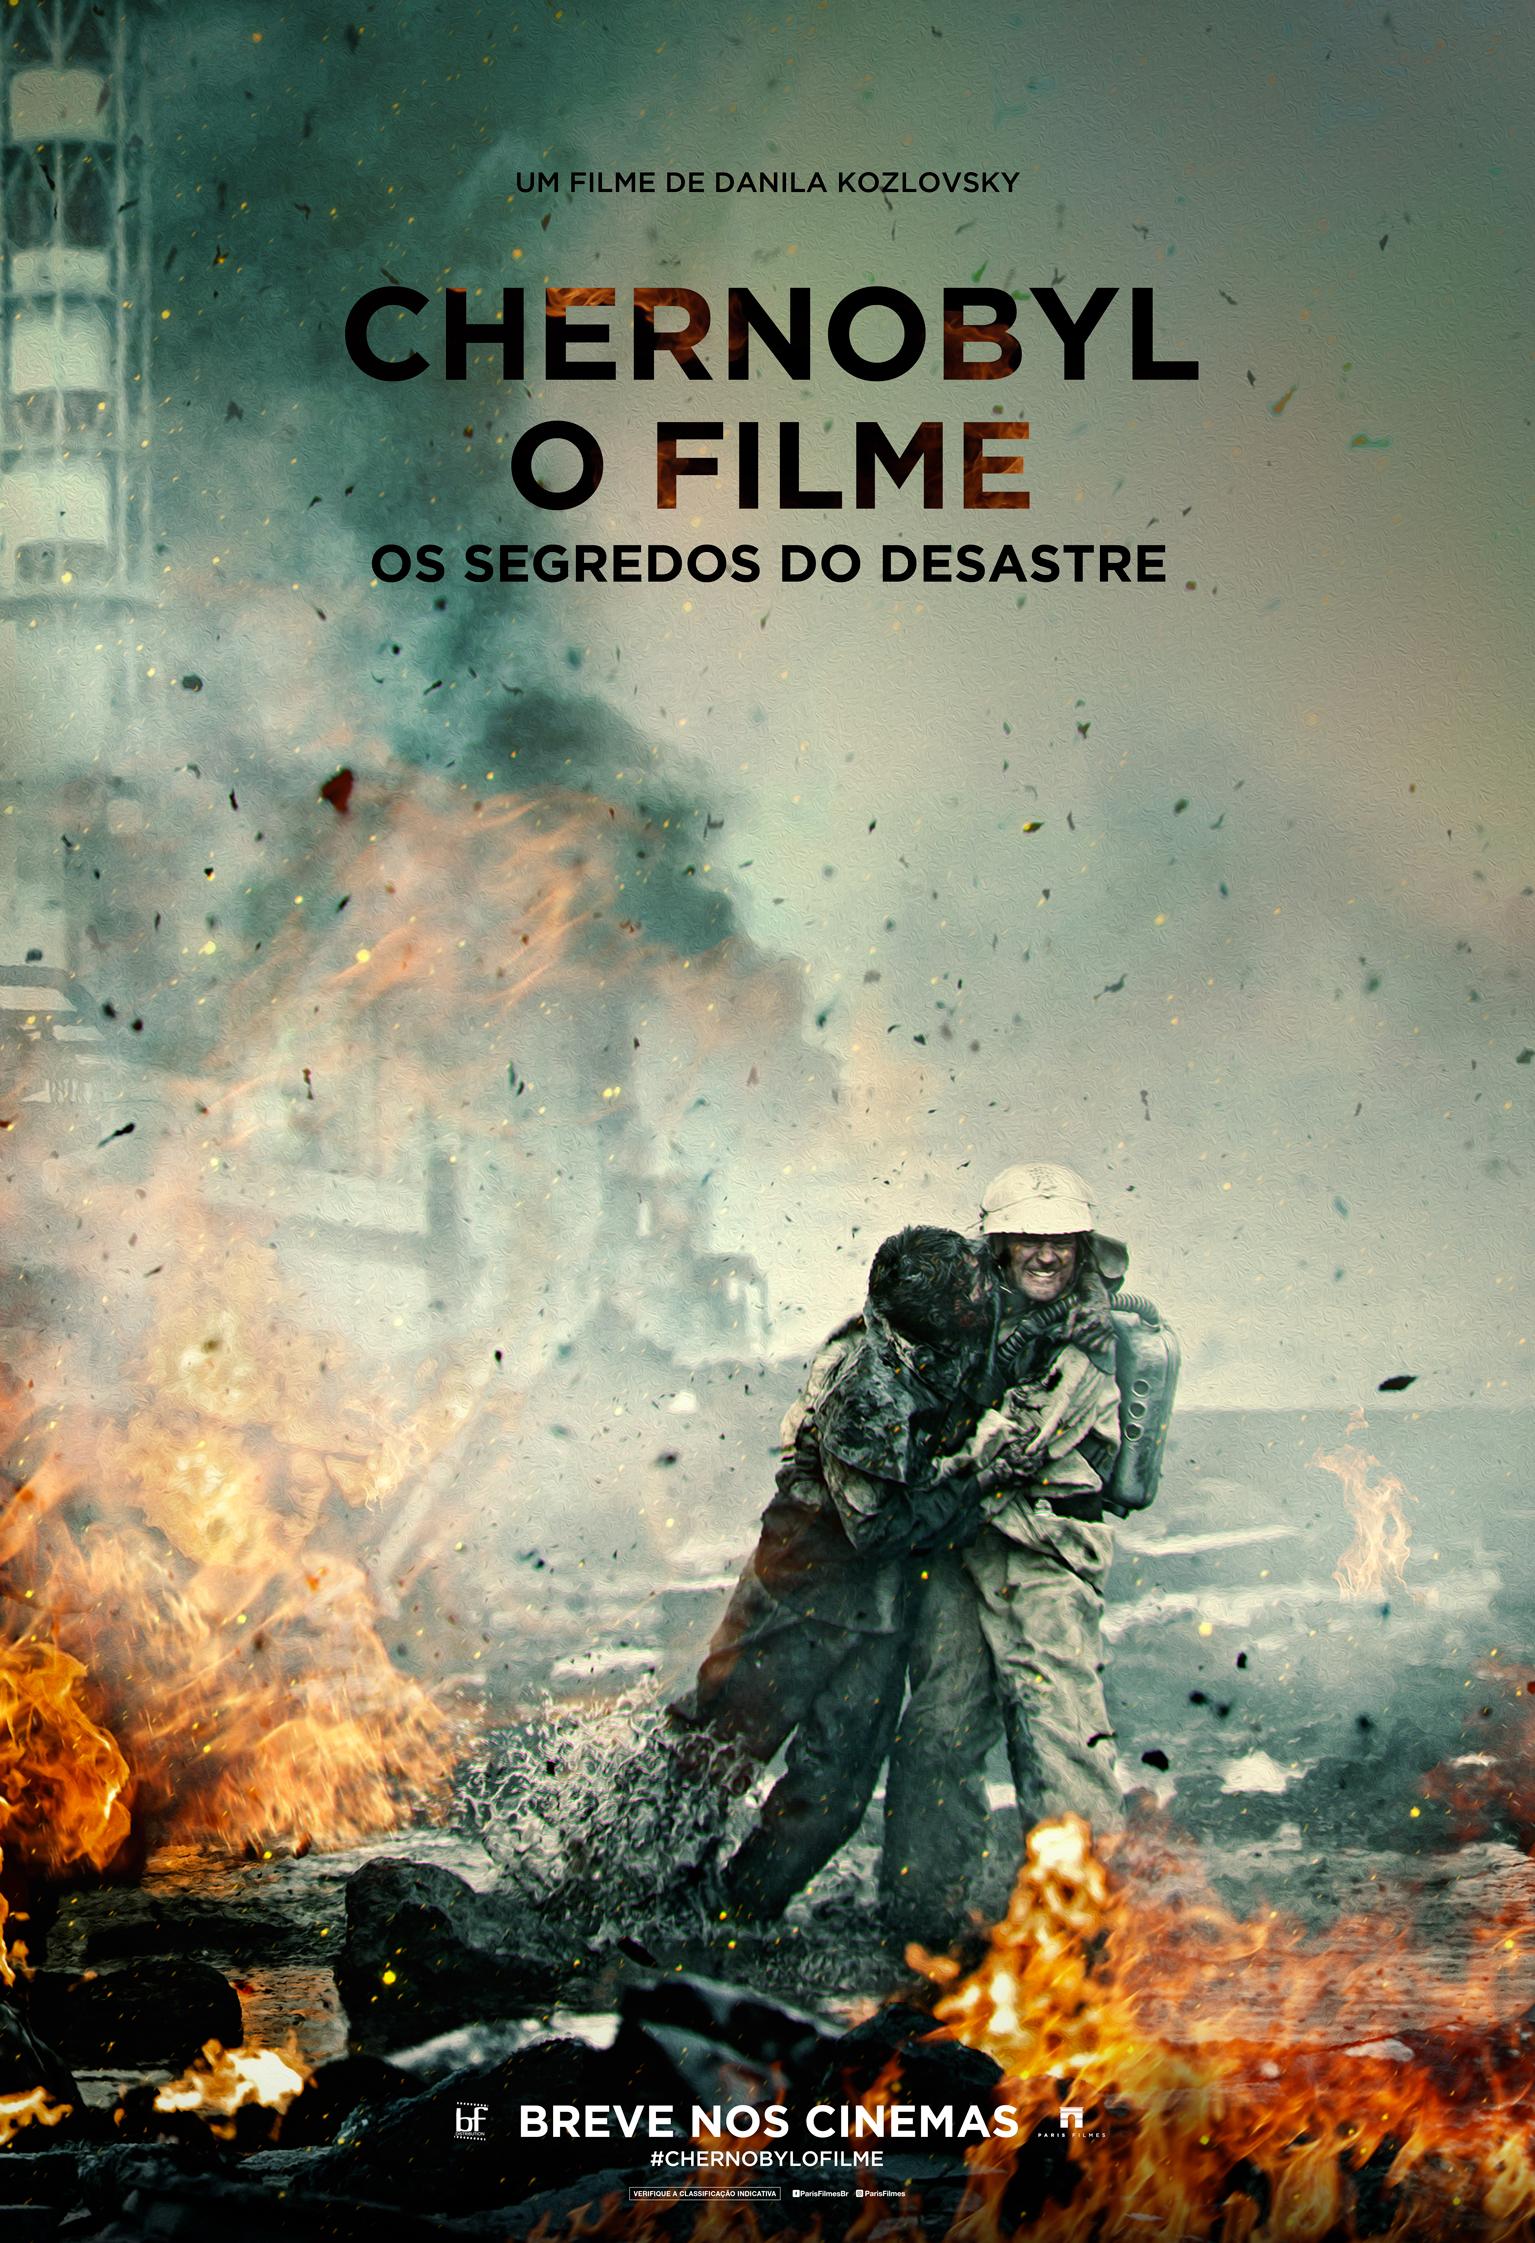 Download Filme Chernobyl: O Filme - Os Segredos do Desastre Torrent 2021 Qualidade Hd